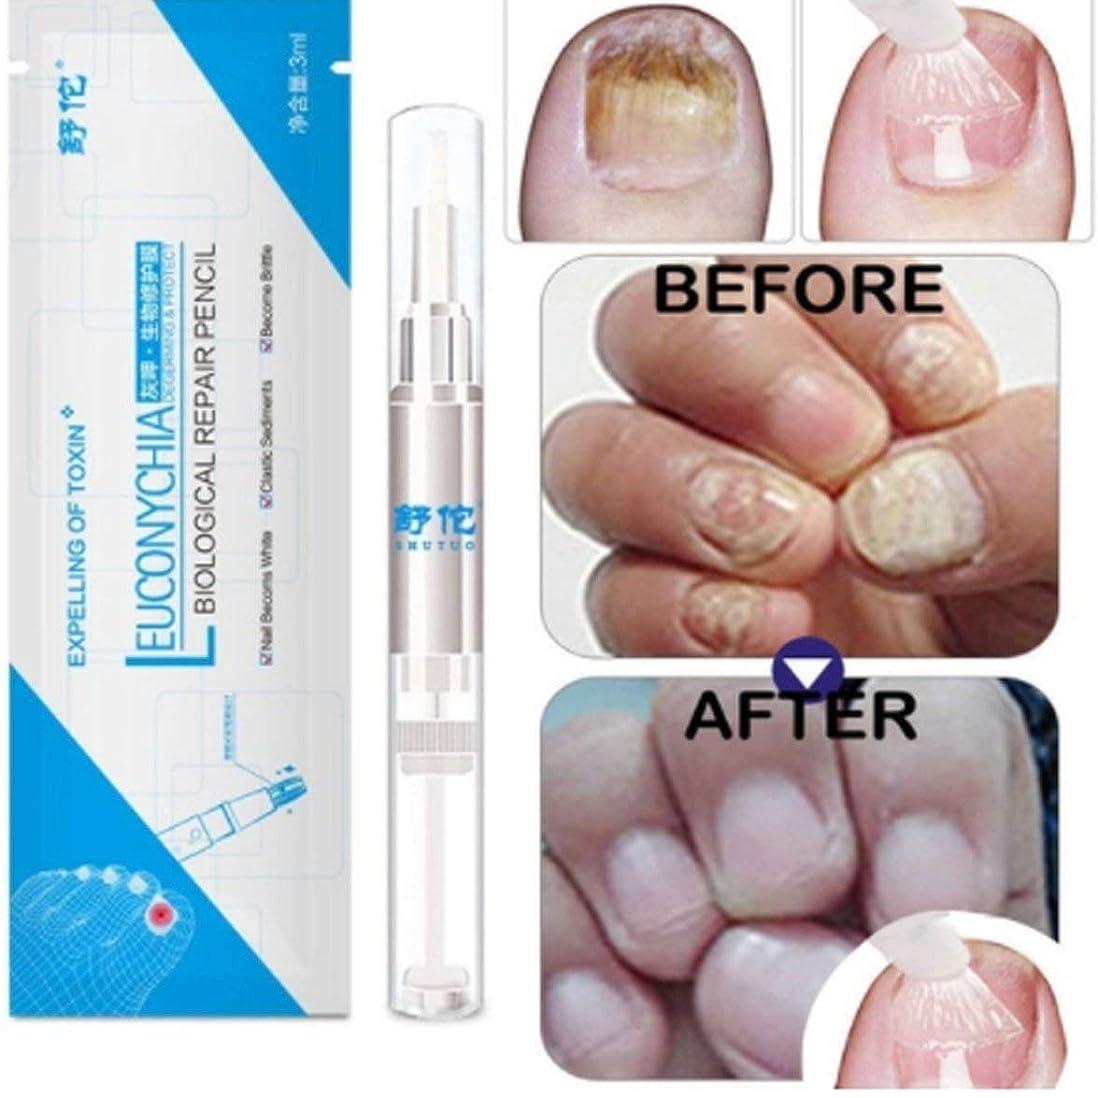 資本シンボル切手Kongqiabona 3ML真菌爪治療ペン爪真菌症爪垢抗真菌爪の感染中国のハーブトウネイル真菌の治療